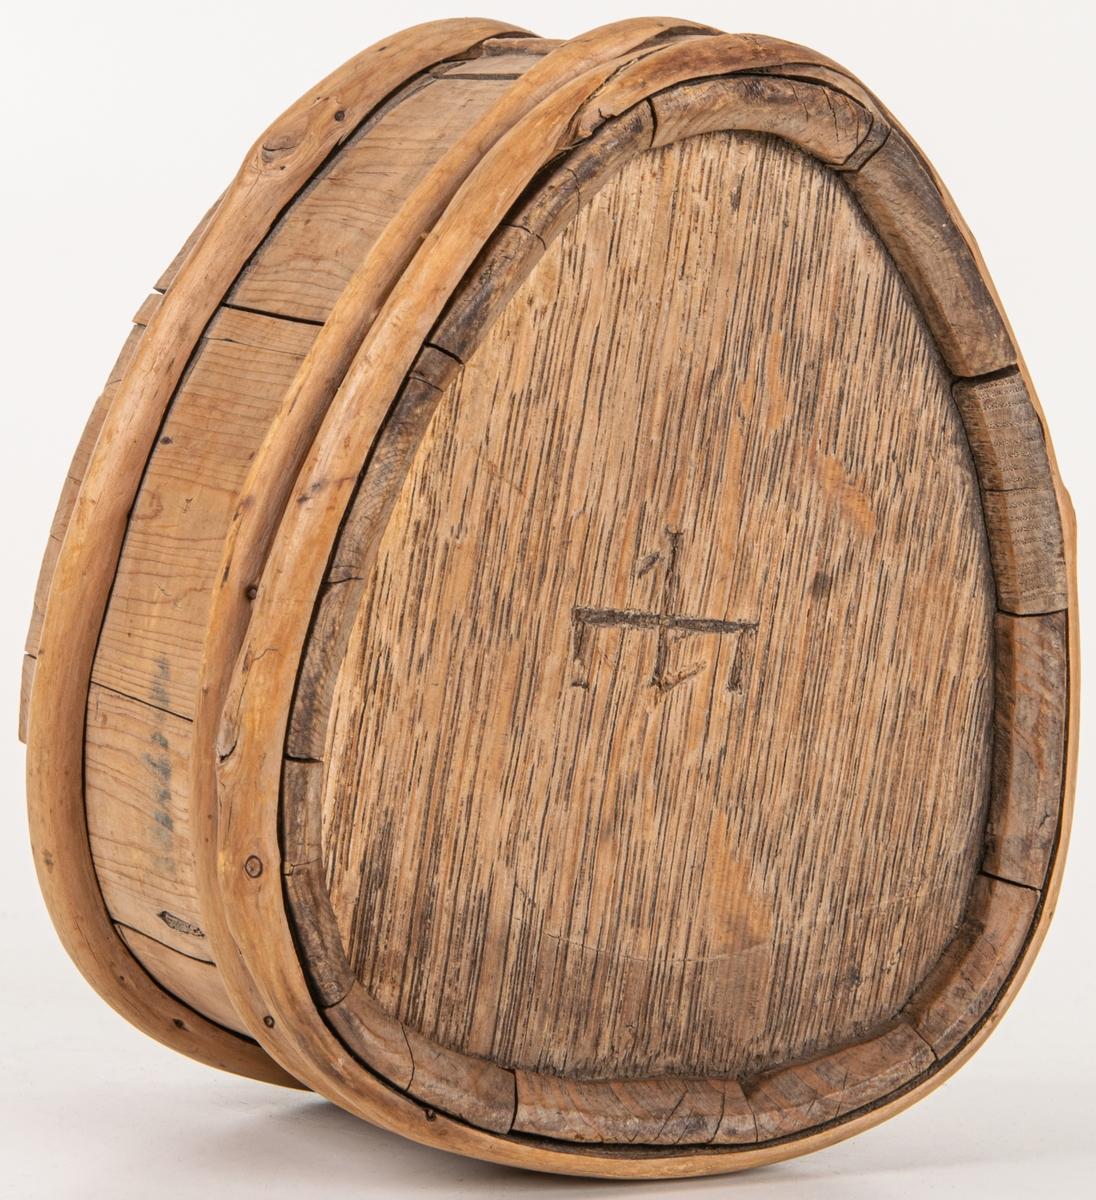 Vattenflaska (laggskäl) liten omålad märkt LESX. Gavlar av ek, resten björk. Tre träband. Hål för tapp upptill i smalängen. Höjd 14 cm. Bredd 12 cm. Tjocklek: 8,5. Ristat bomärke och ANO 1745.